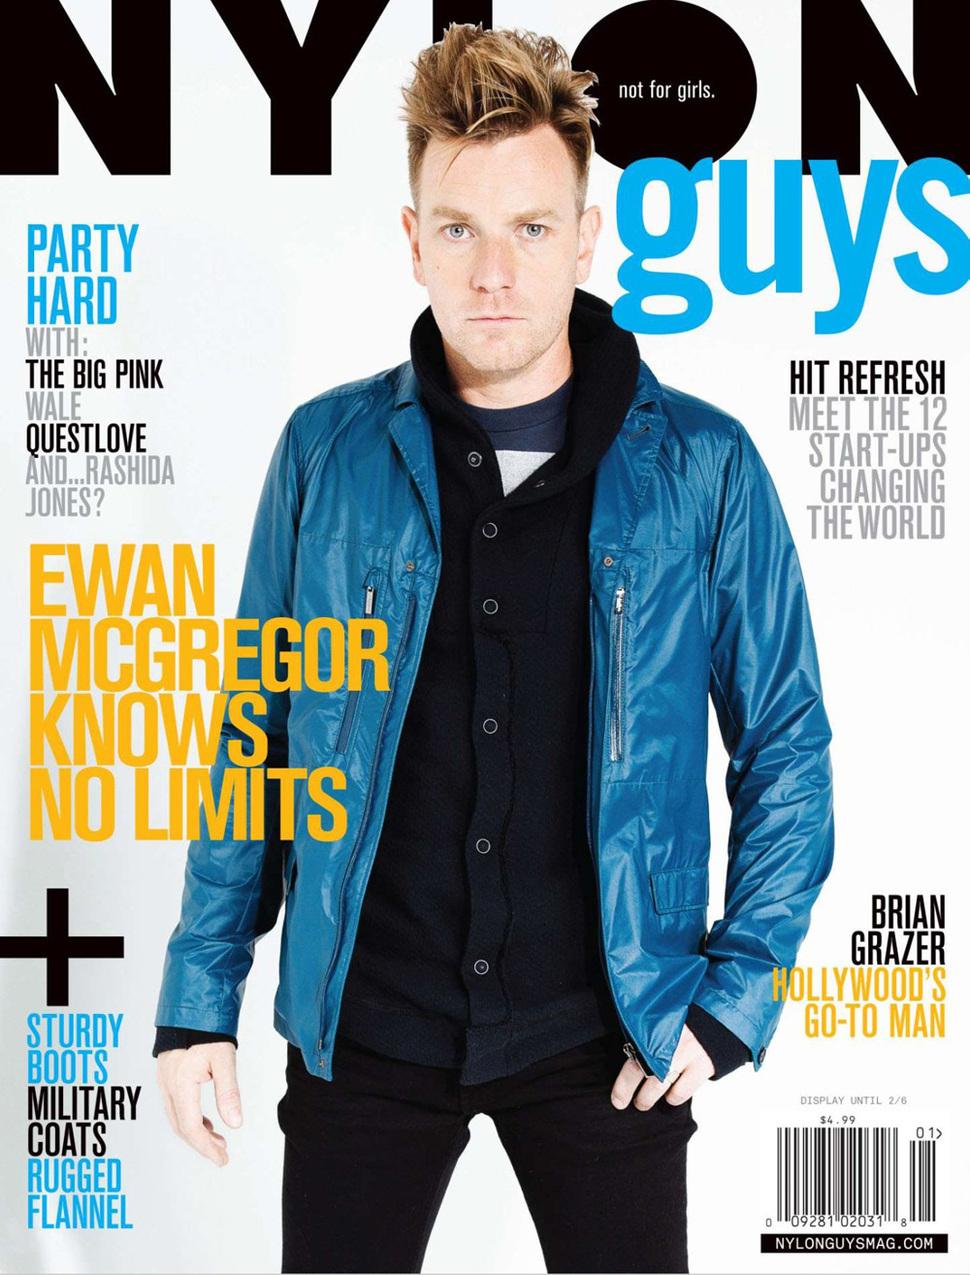 Юэн МакГрегор в журнале Nylon Guys. Январь 2012